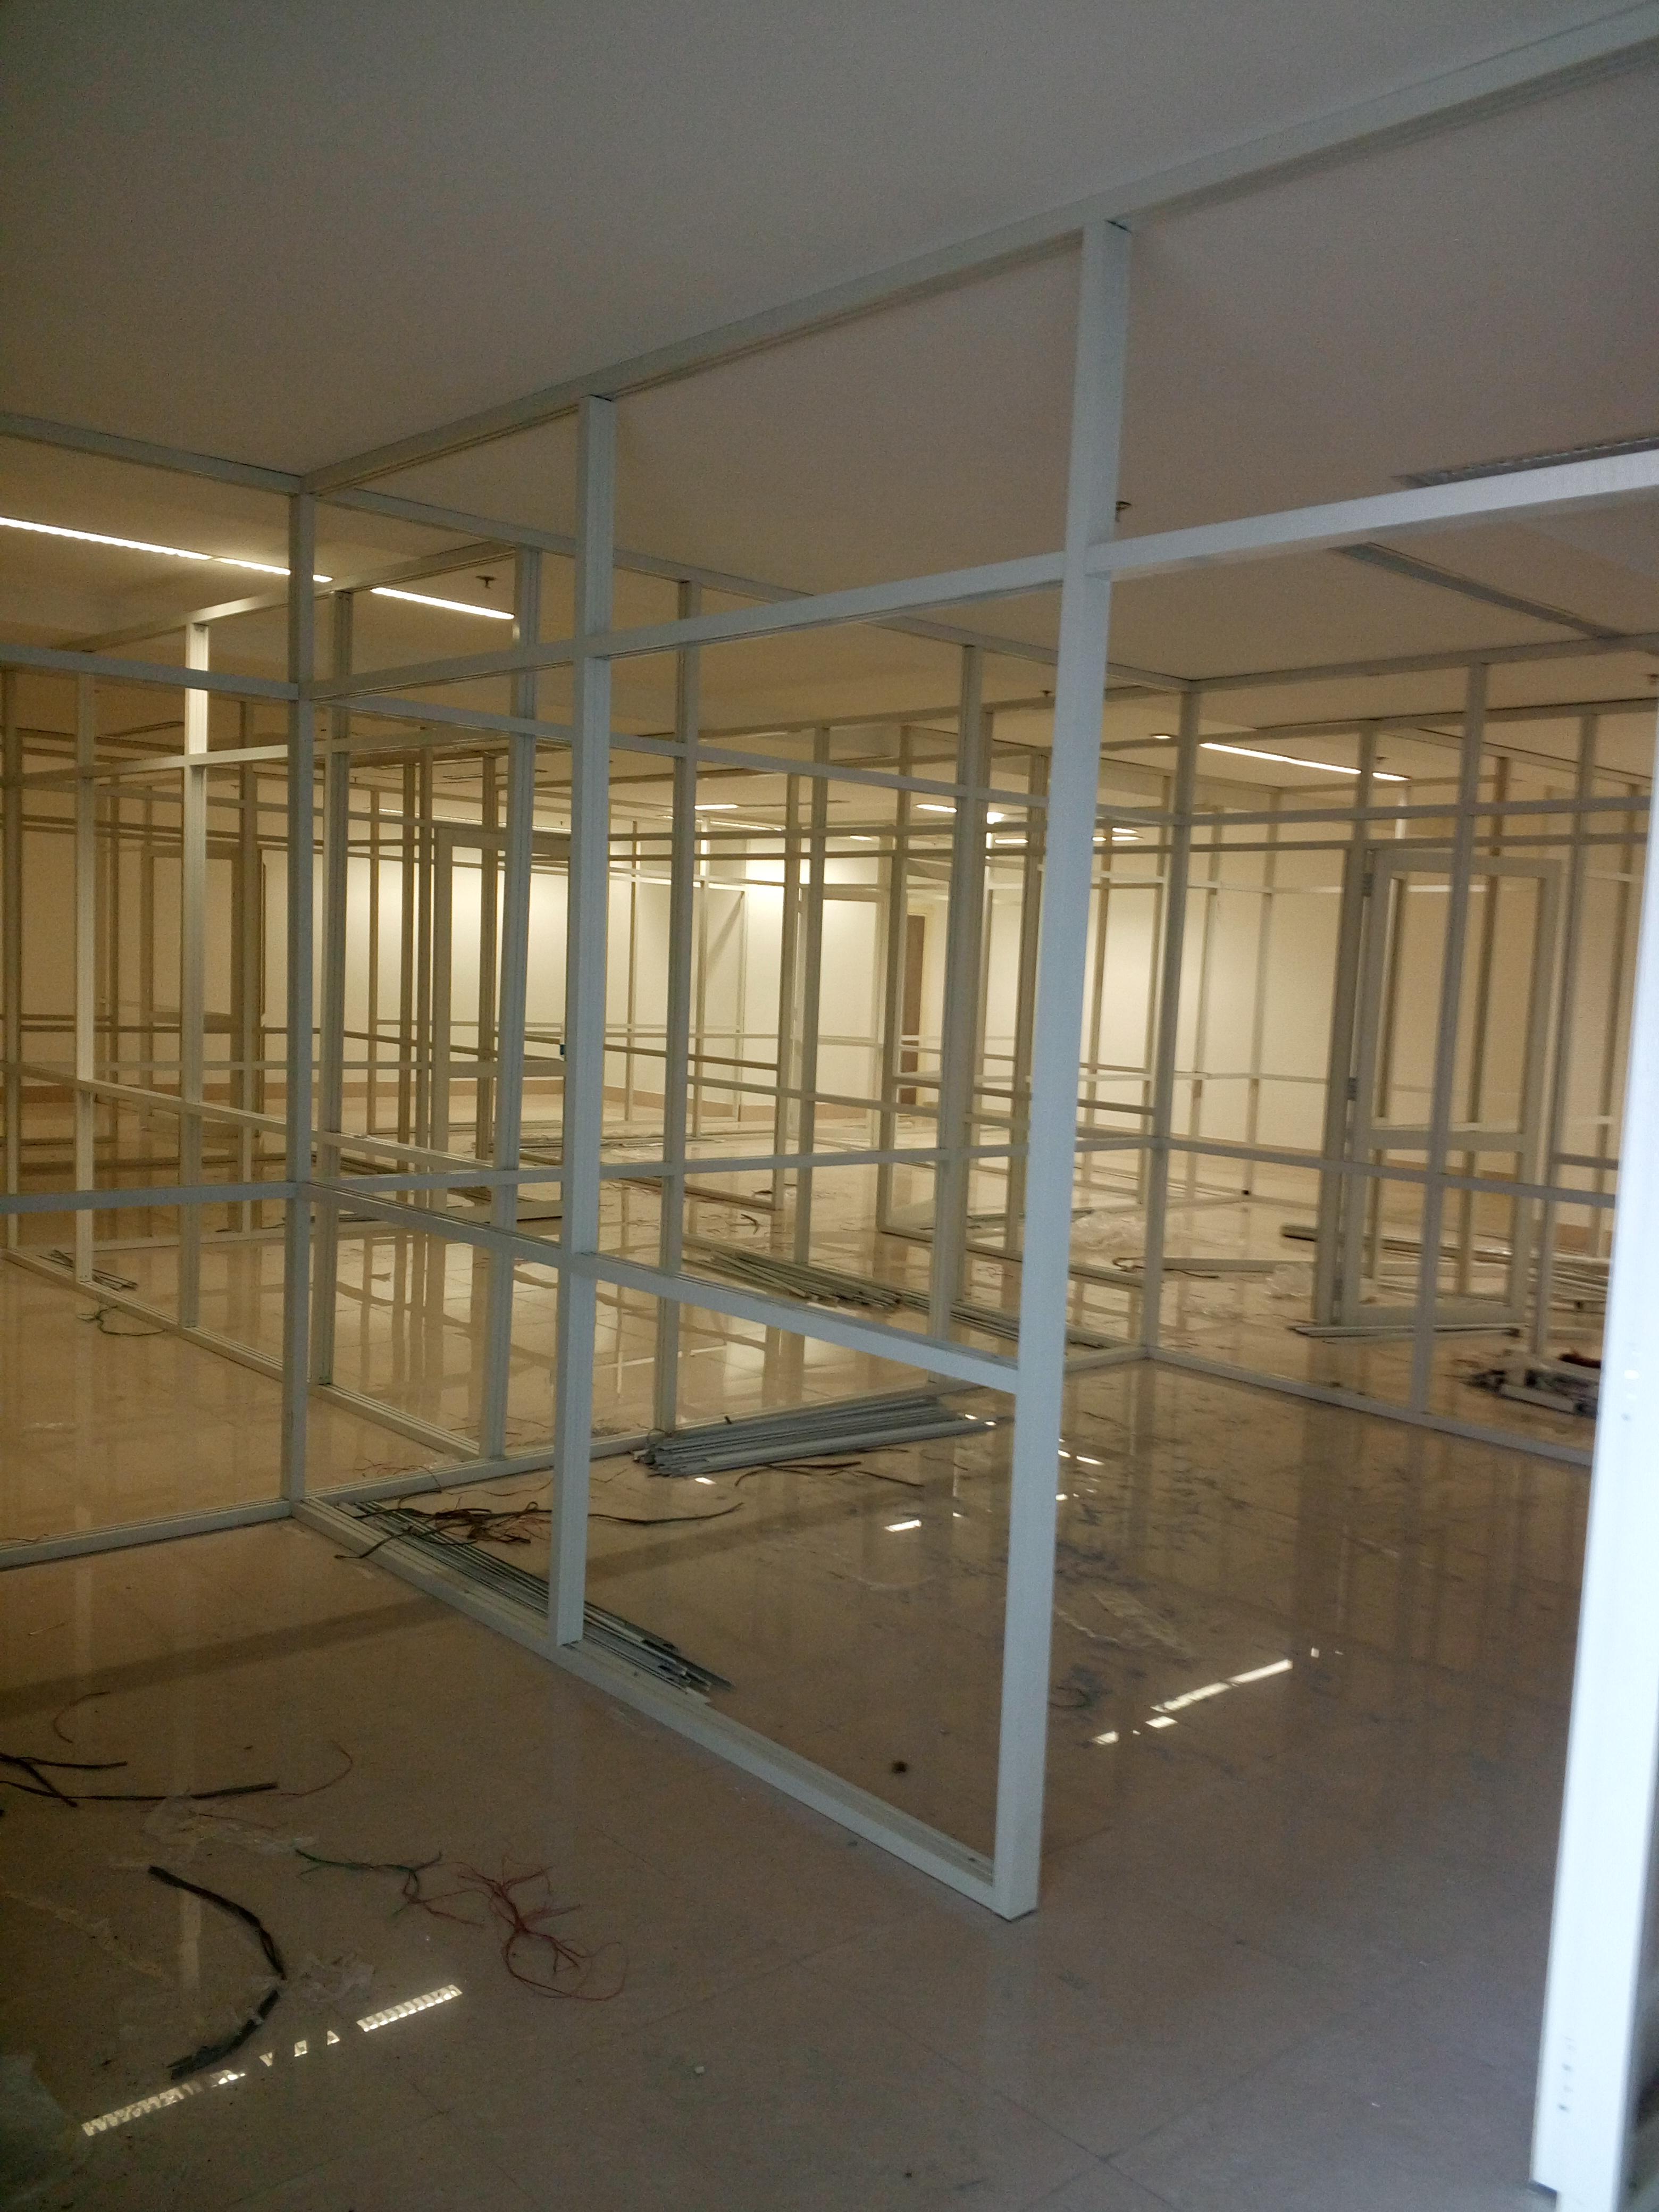 SATYAM ENTERPRISES, aluminium fabrication in chandigarh, aluminium partition in chandigarh